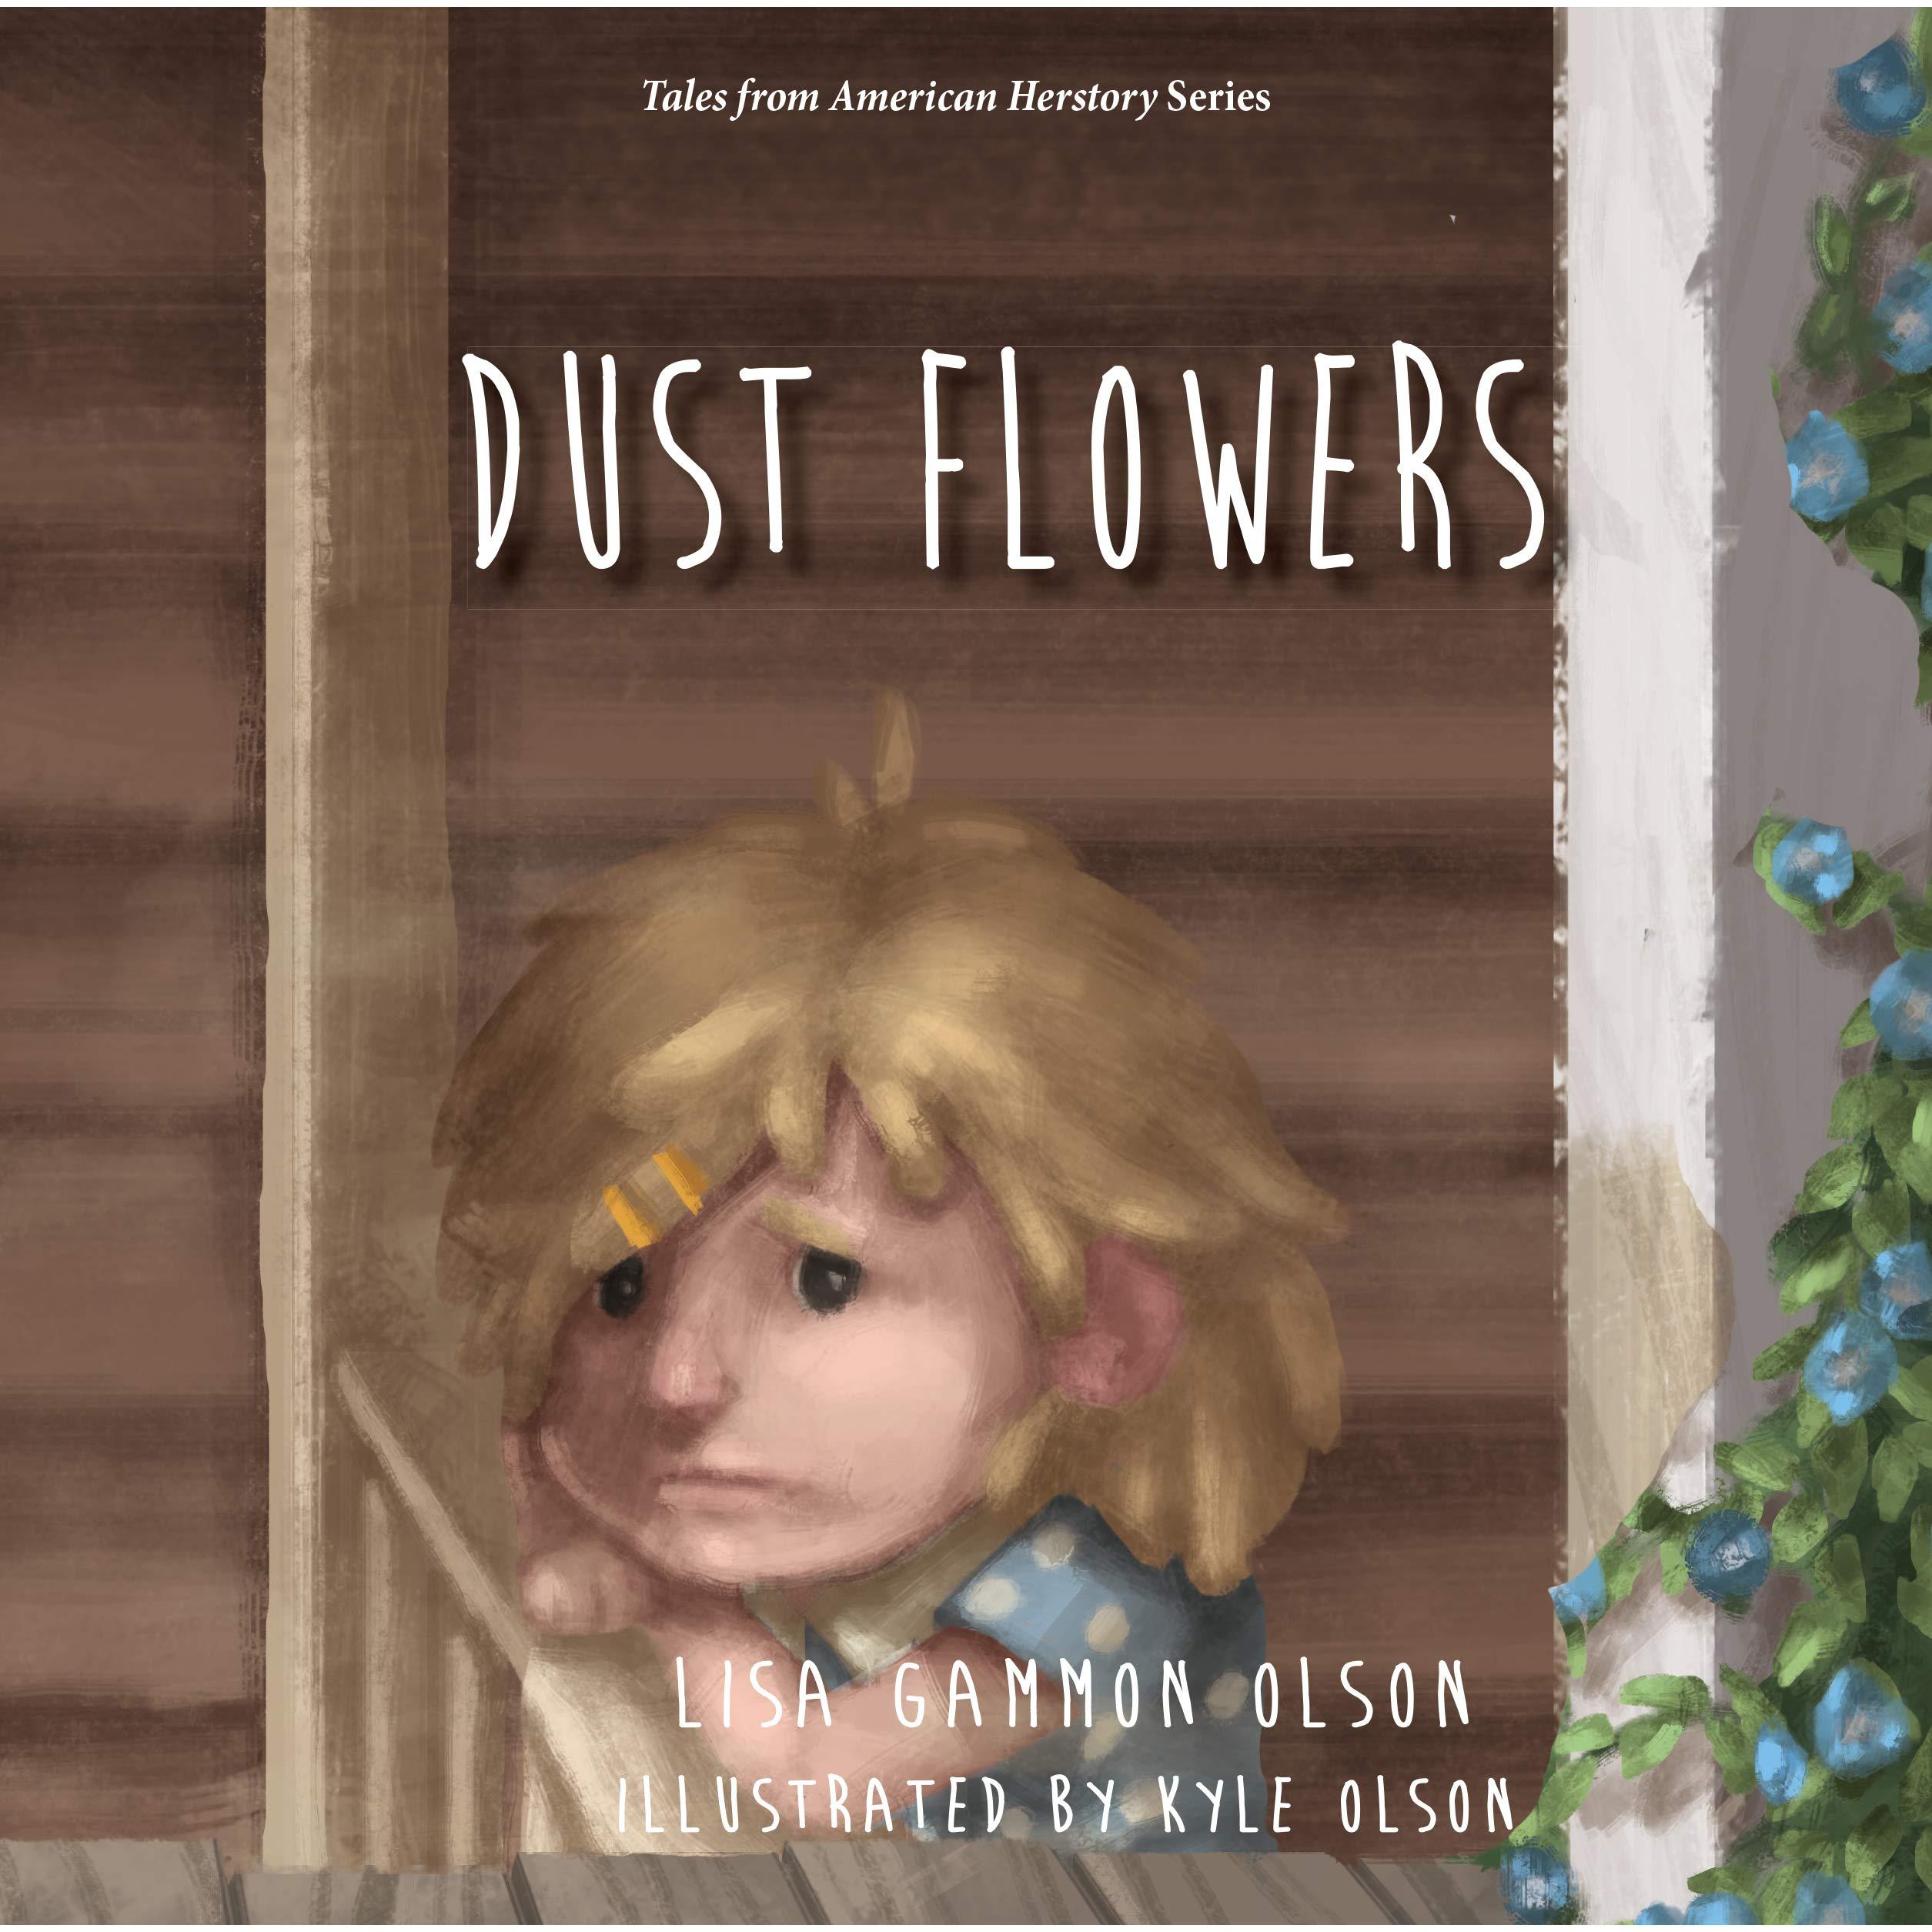 Dust Flowers By Lisa Gammon Olson 04-01-17